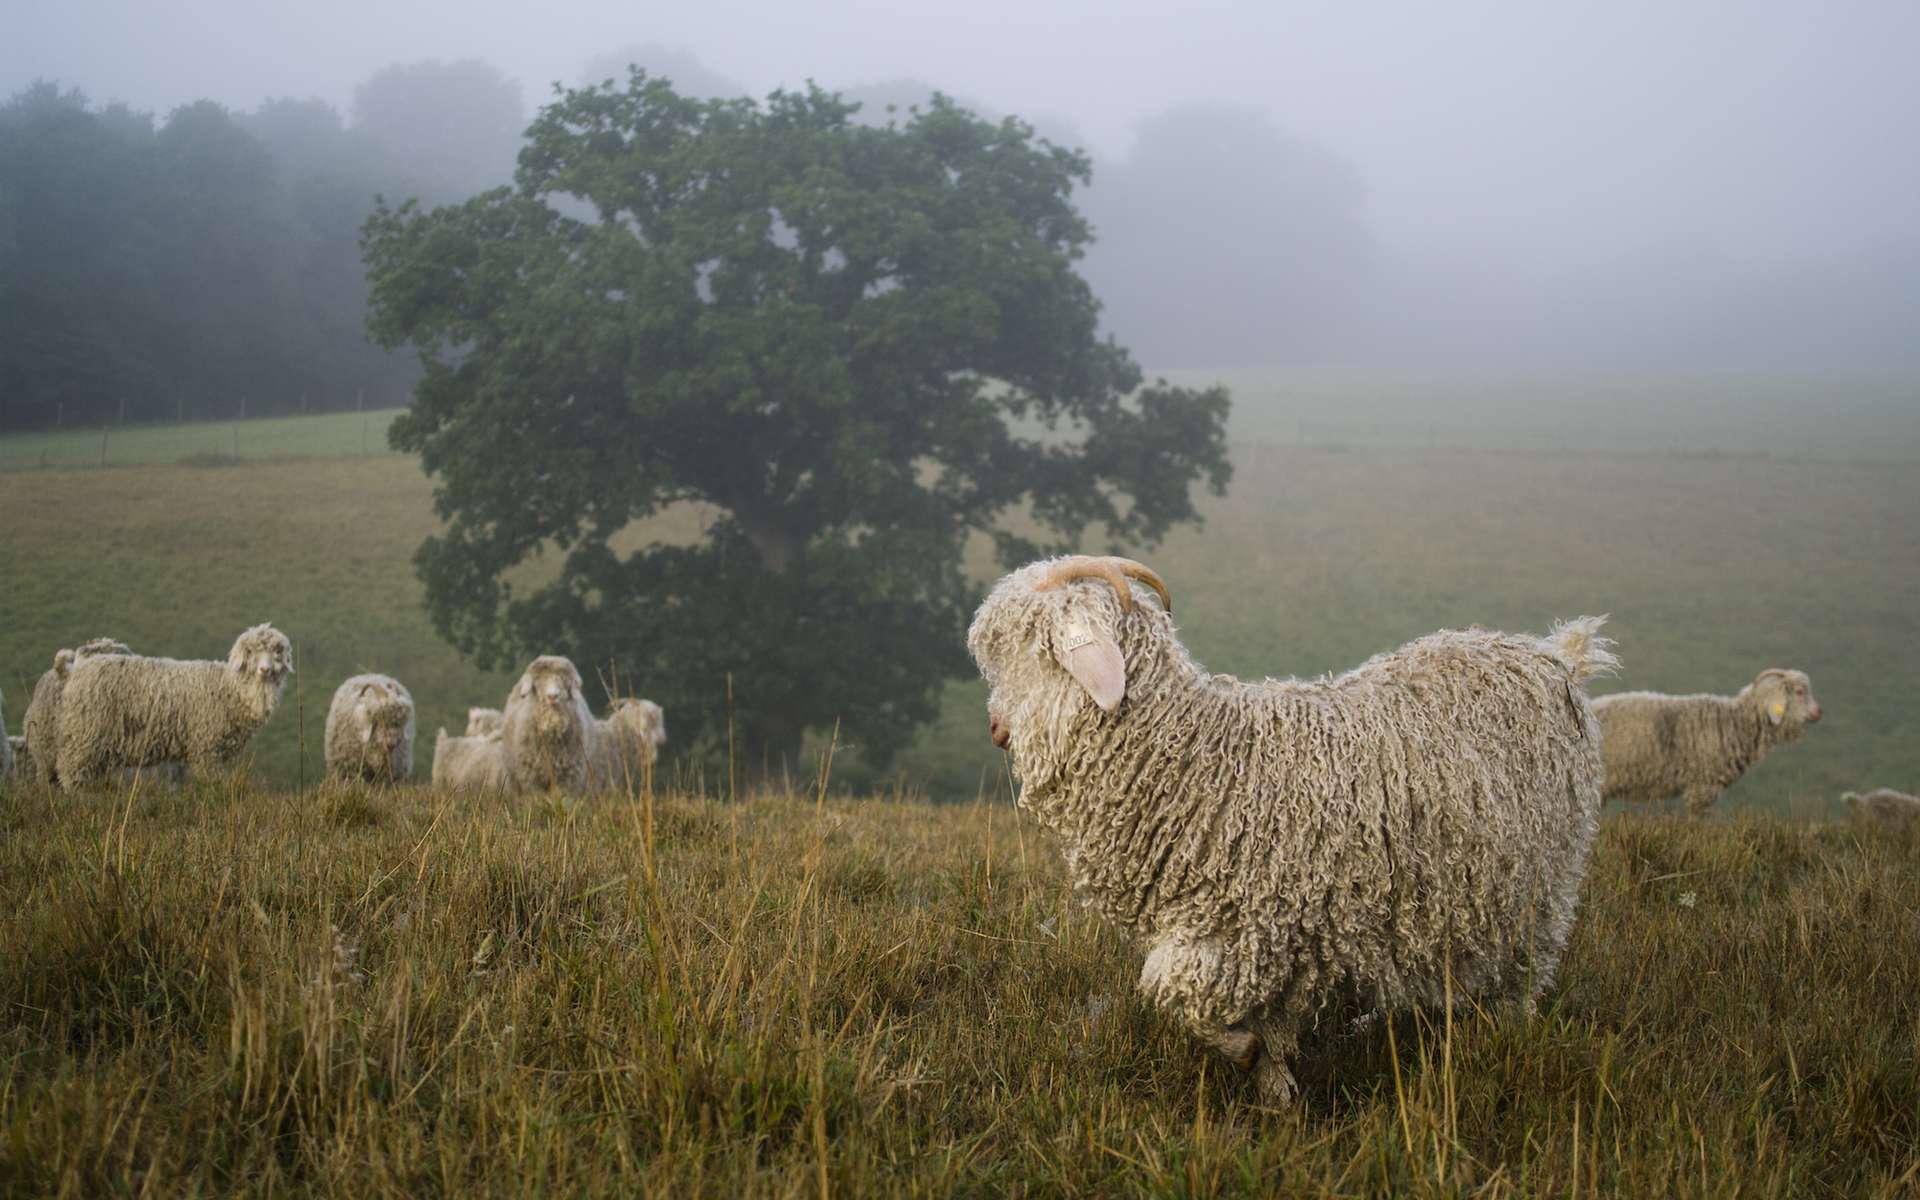 Les chèvres angora produisent la laine mohair. © Mohair du Pays de Corlay